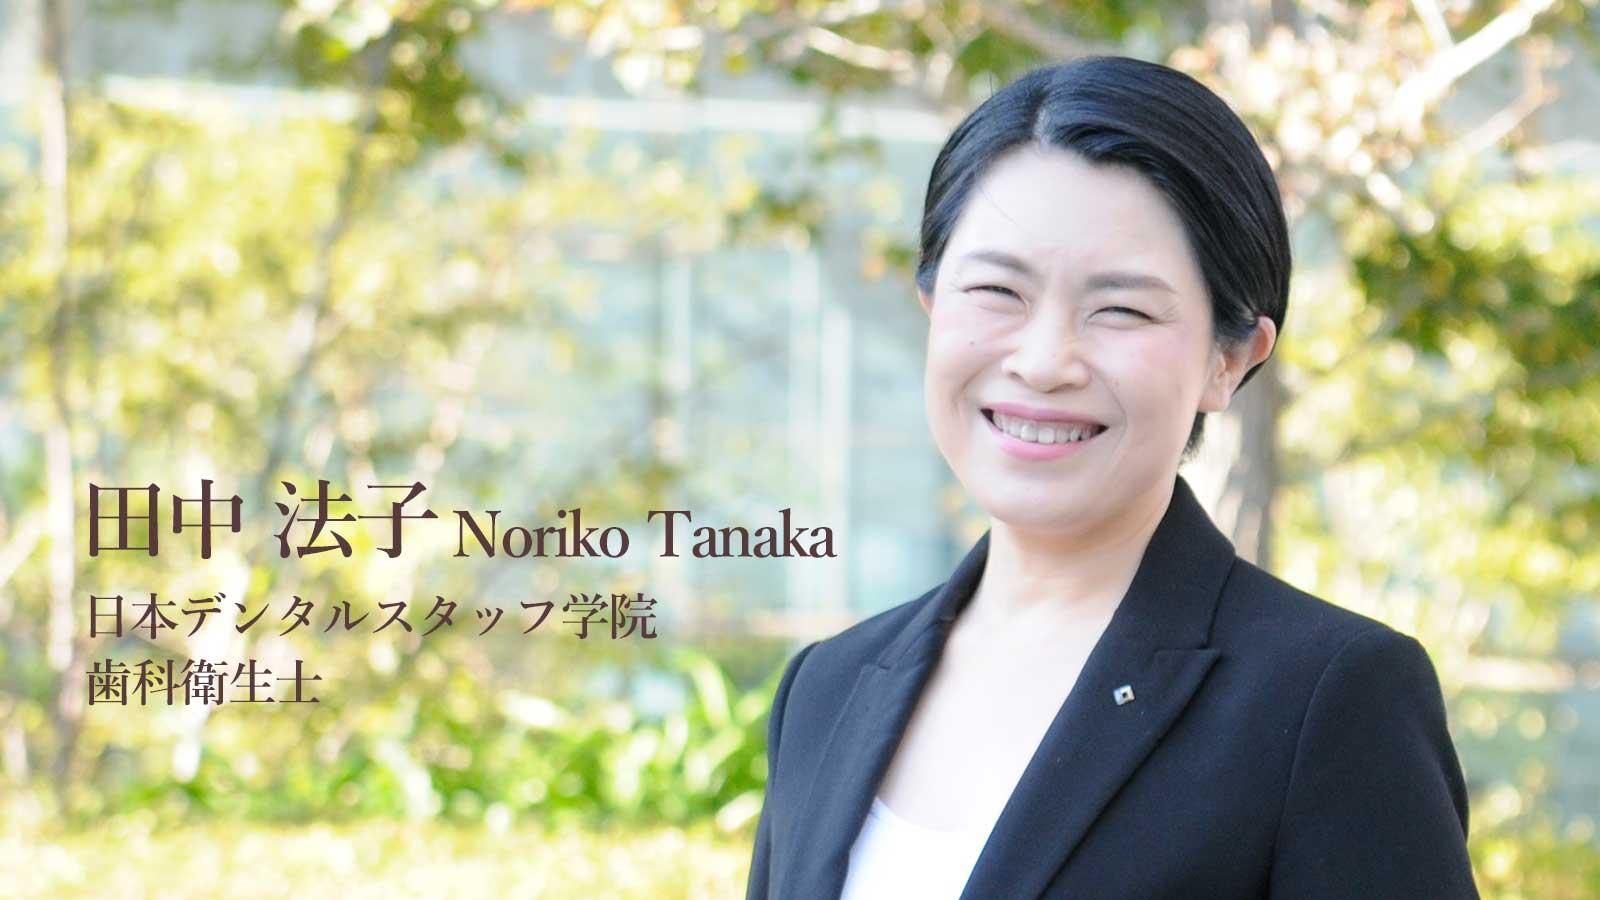 田中法子さん『歯科衛生士として、教育者として』